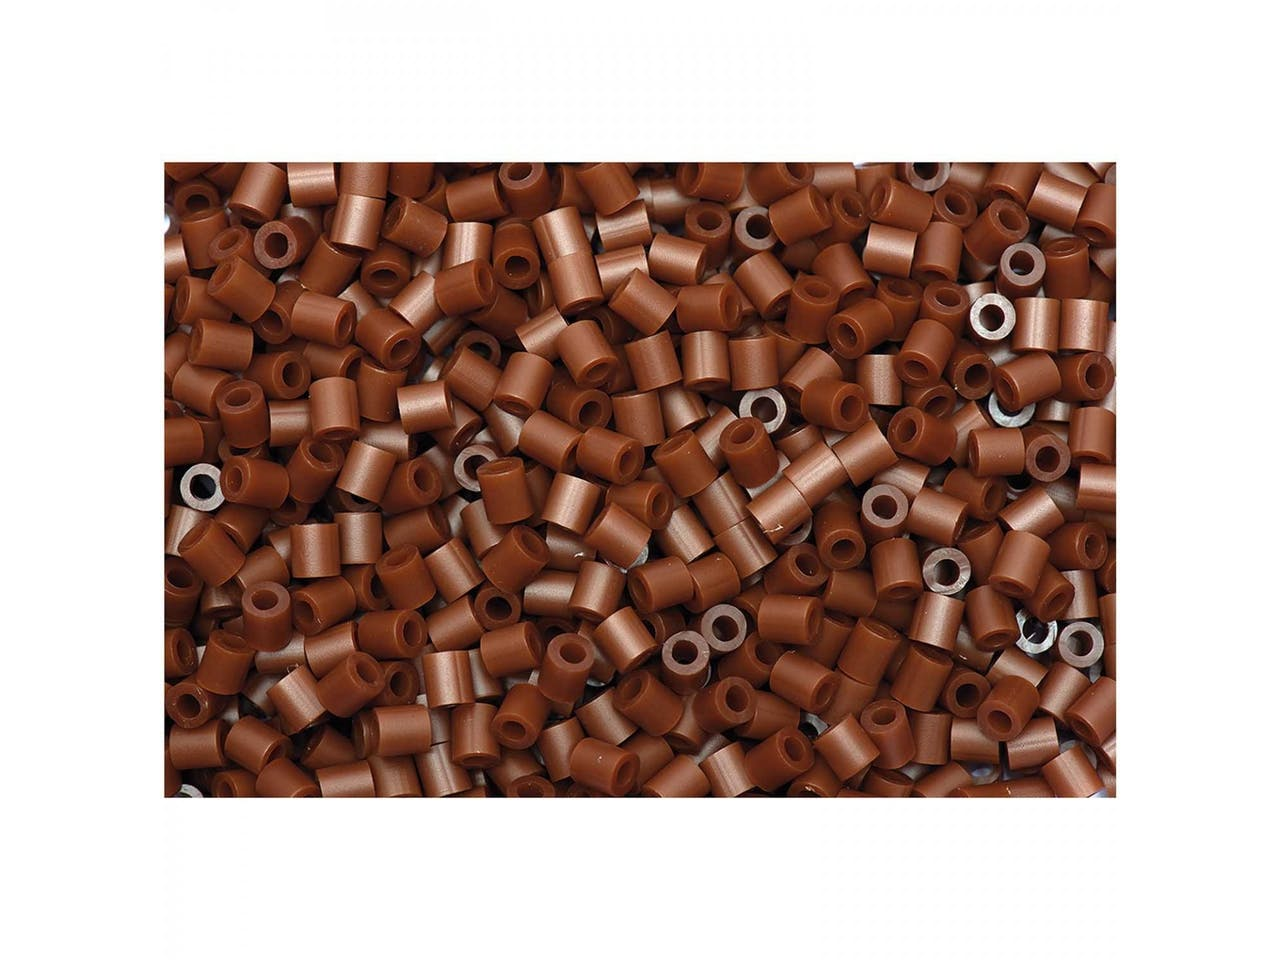 Bügelperlen, 50 x 50 mm, ca. 1000 Stück, dunkelbraun